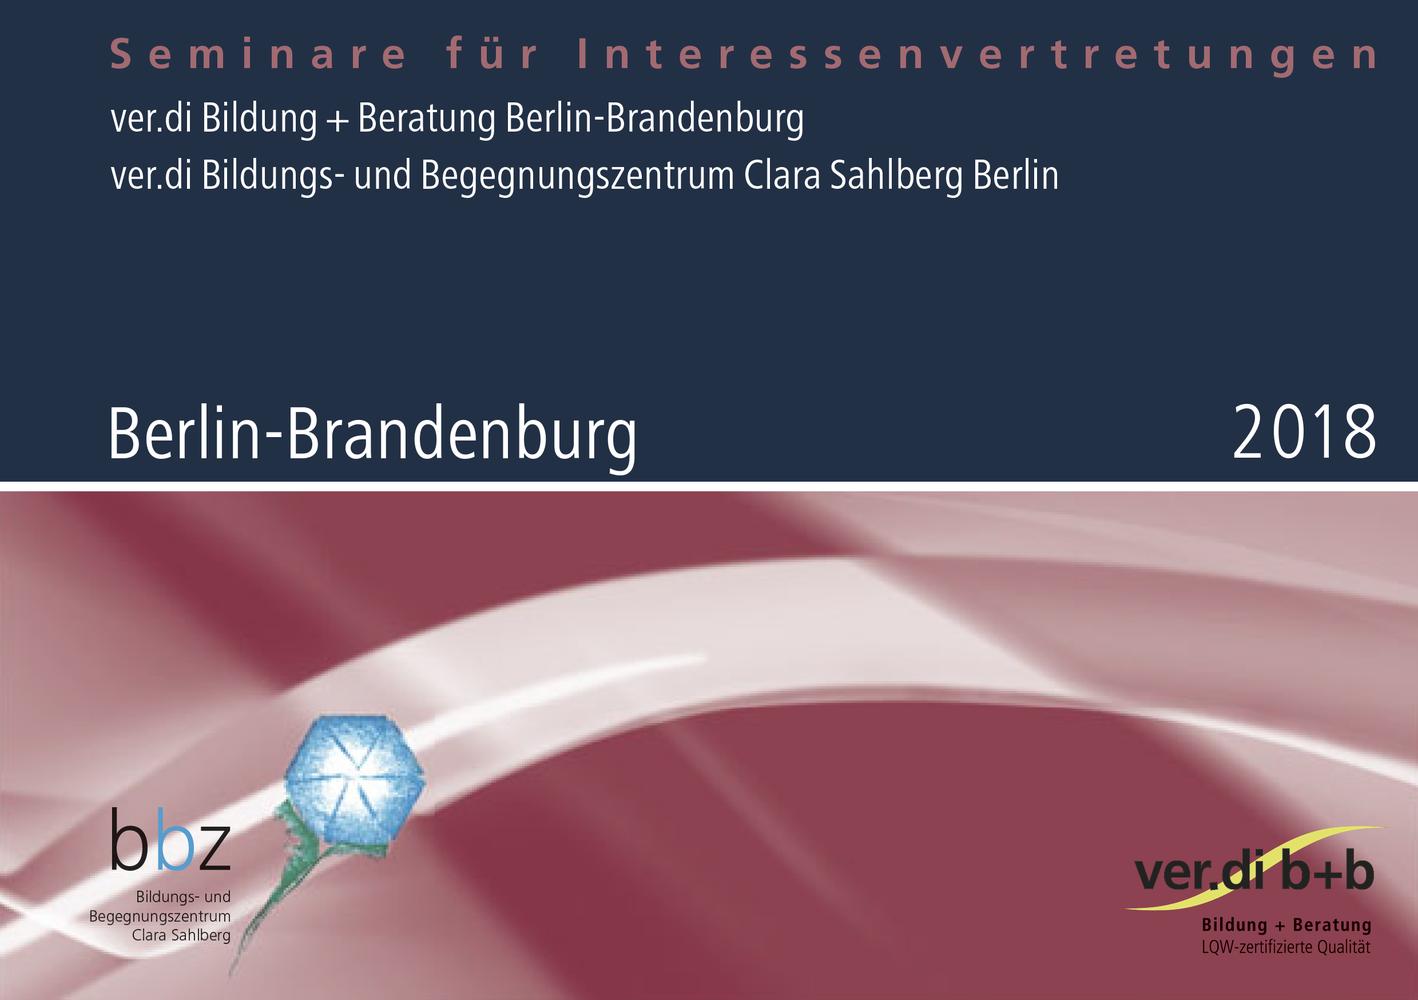 Seminare Für Interessenvertretungen 2018 In